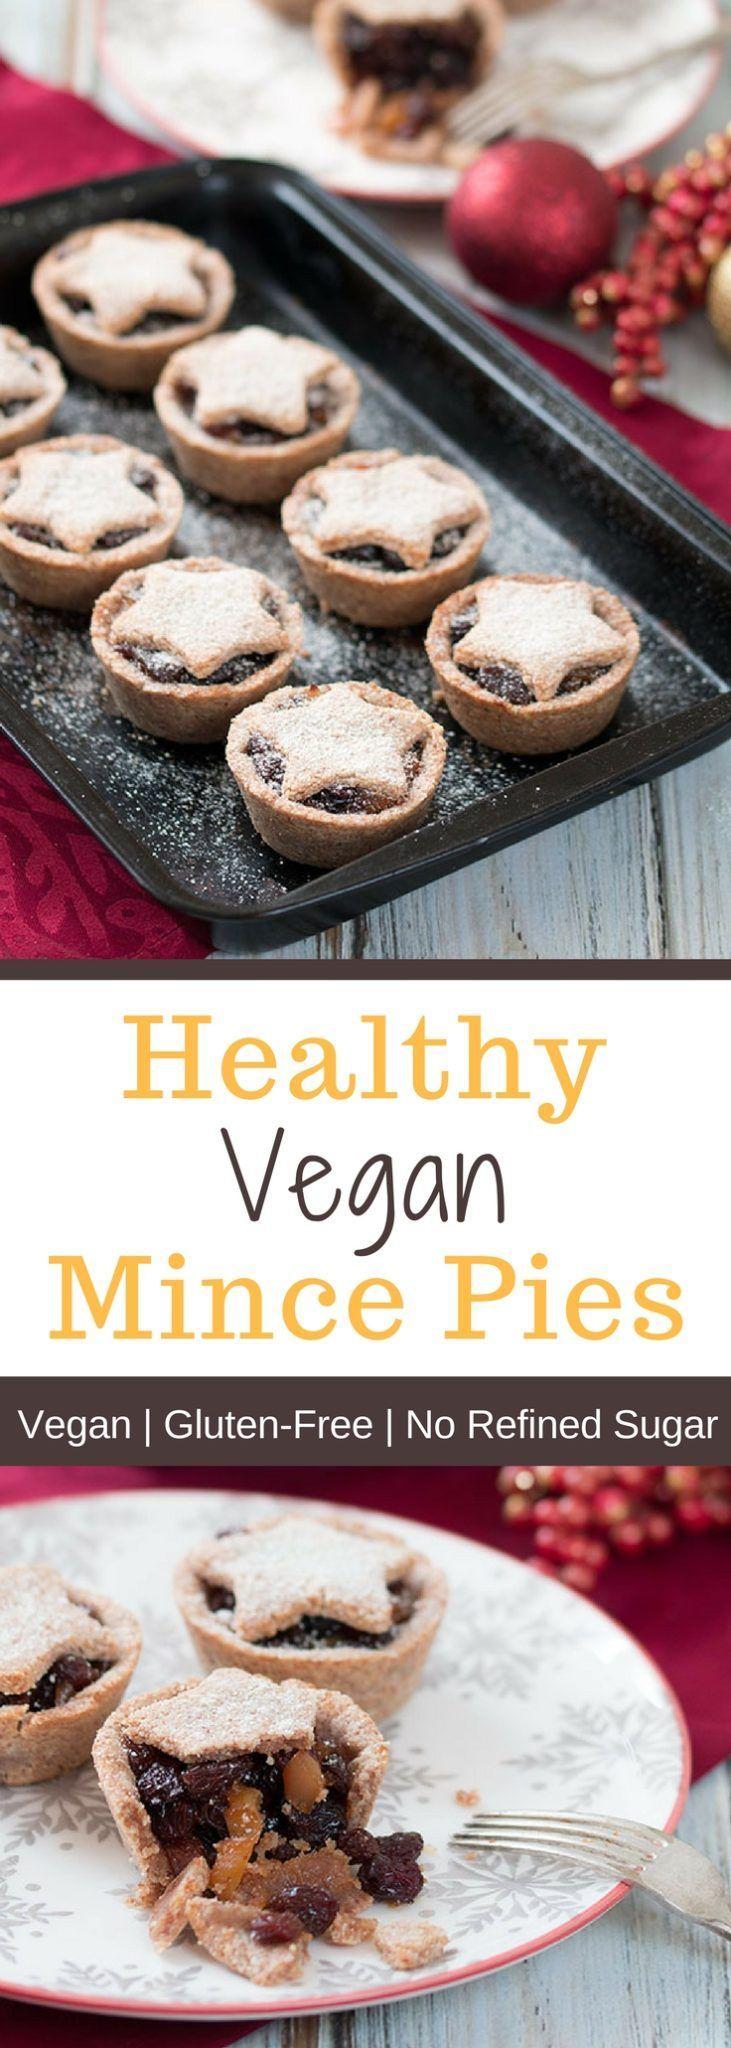 Healthy Vegan Mince Pies